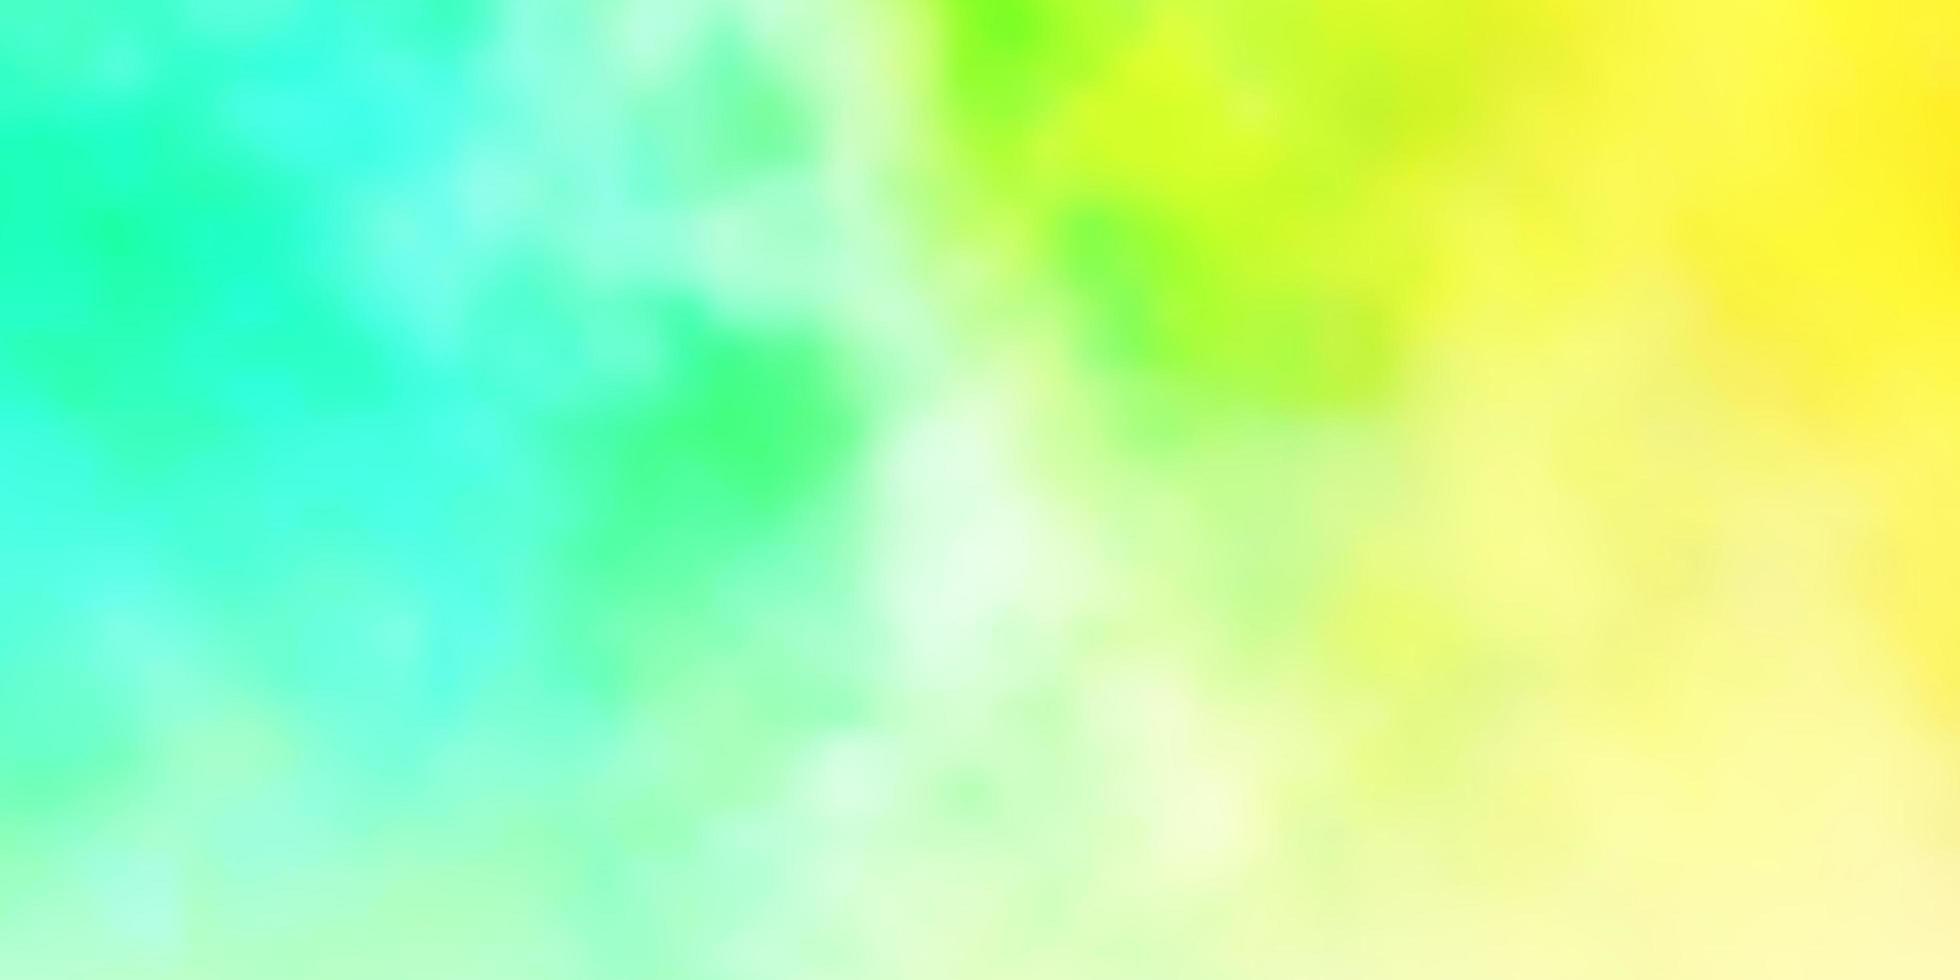 diseño de vector verde claro, amarillo con celaje.